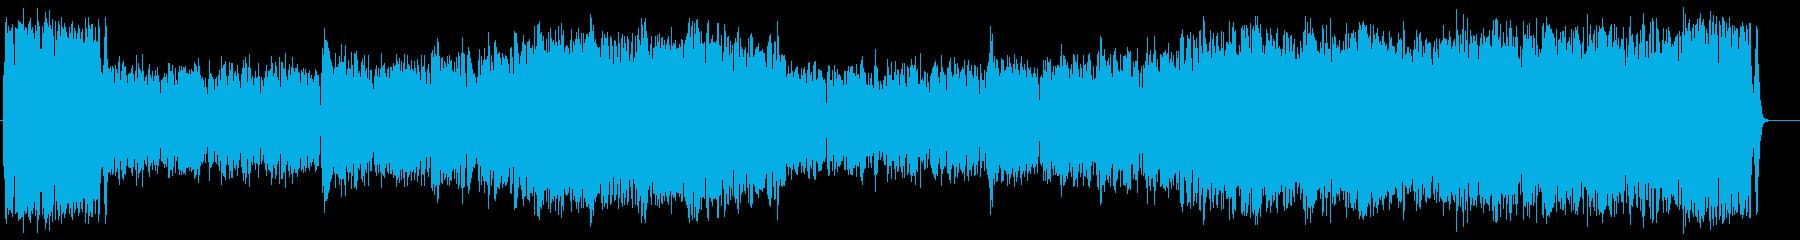 勇者のオーケストラ風音楽(フルサイズ)の再生済みの波形